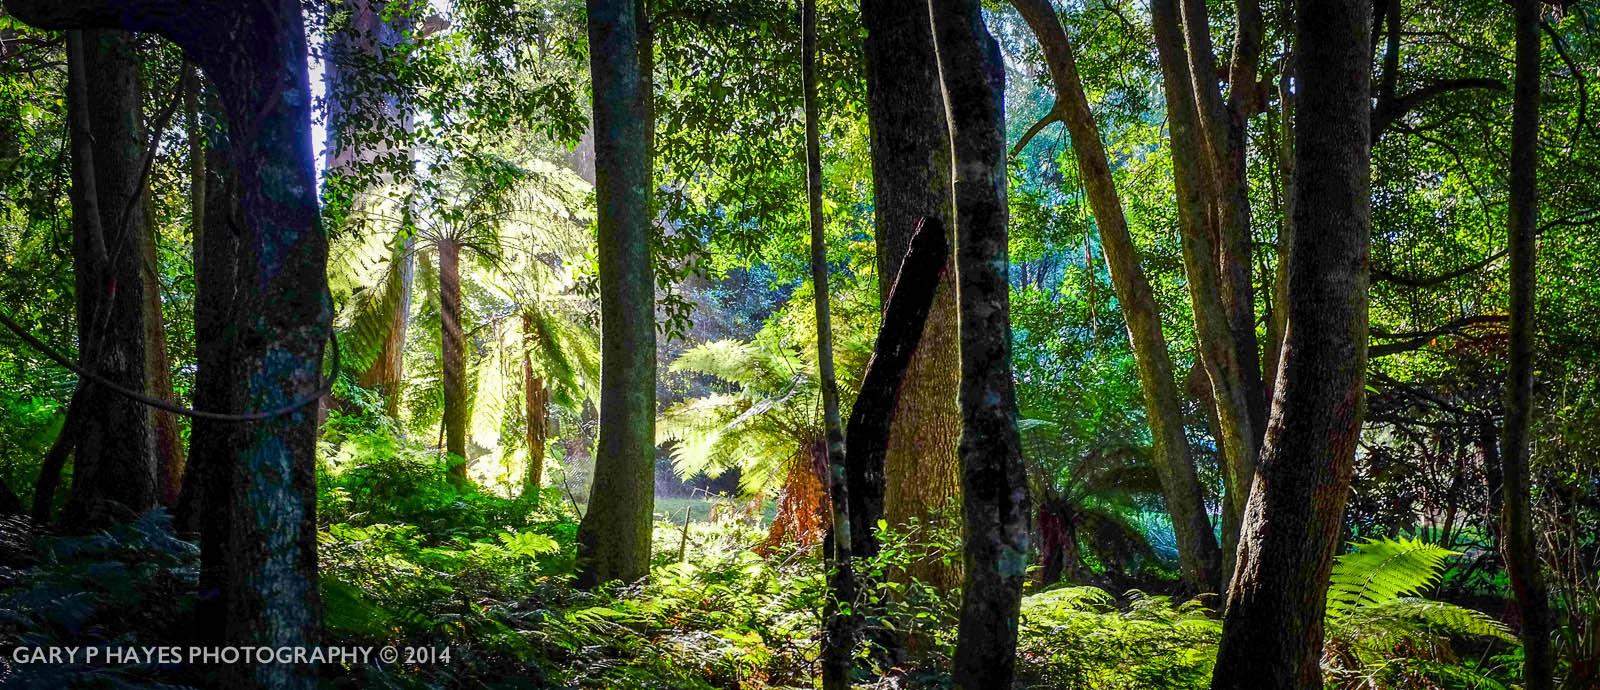 Mount Tomah Botanical Gardens – Grade 1